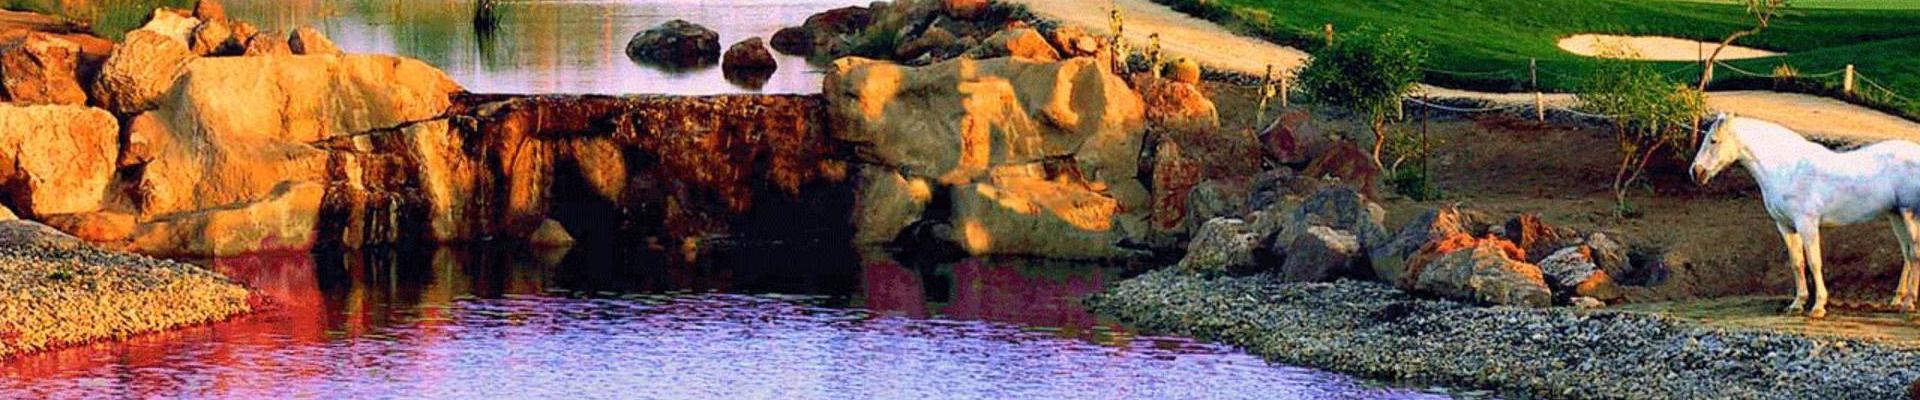 Desert Springs Course